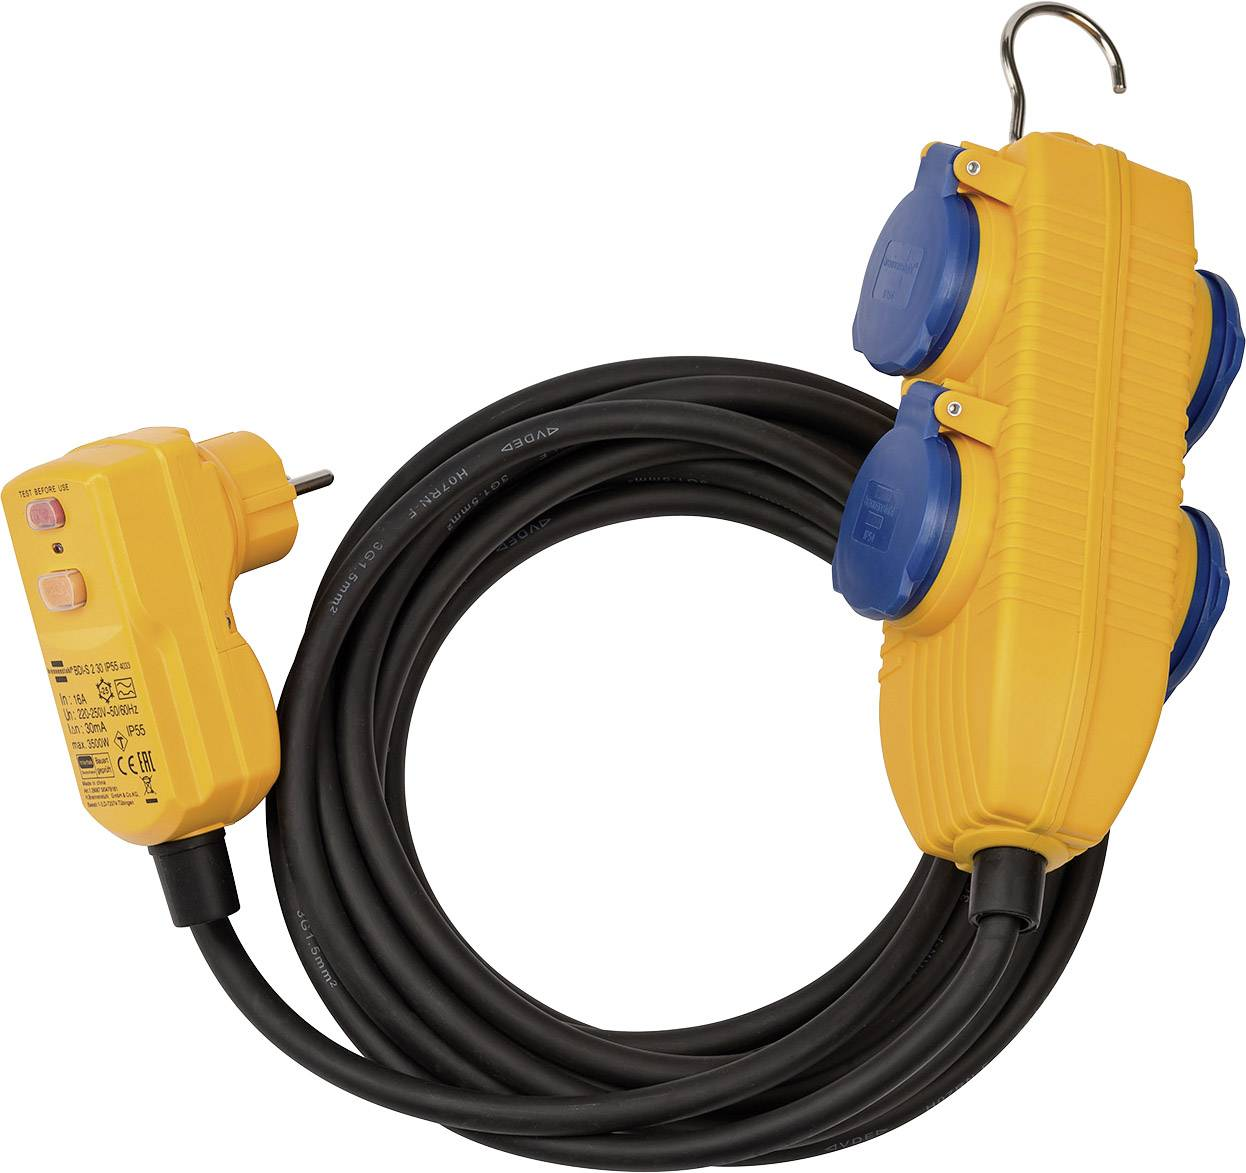 Turbo Brennenstuhl 1168720010 Strom Verlängerungskabel Schwarz, Gelb 5 m CJ05